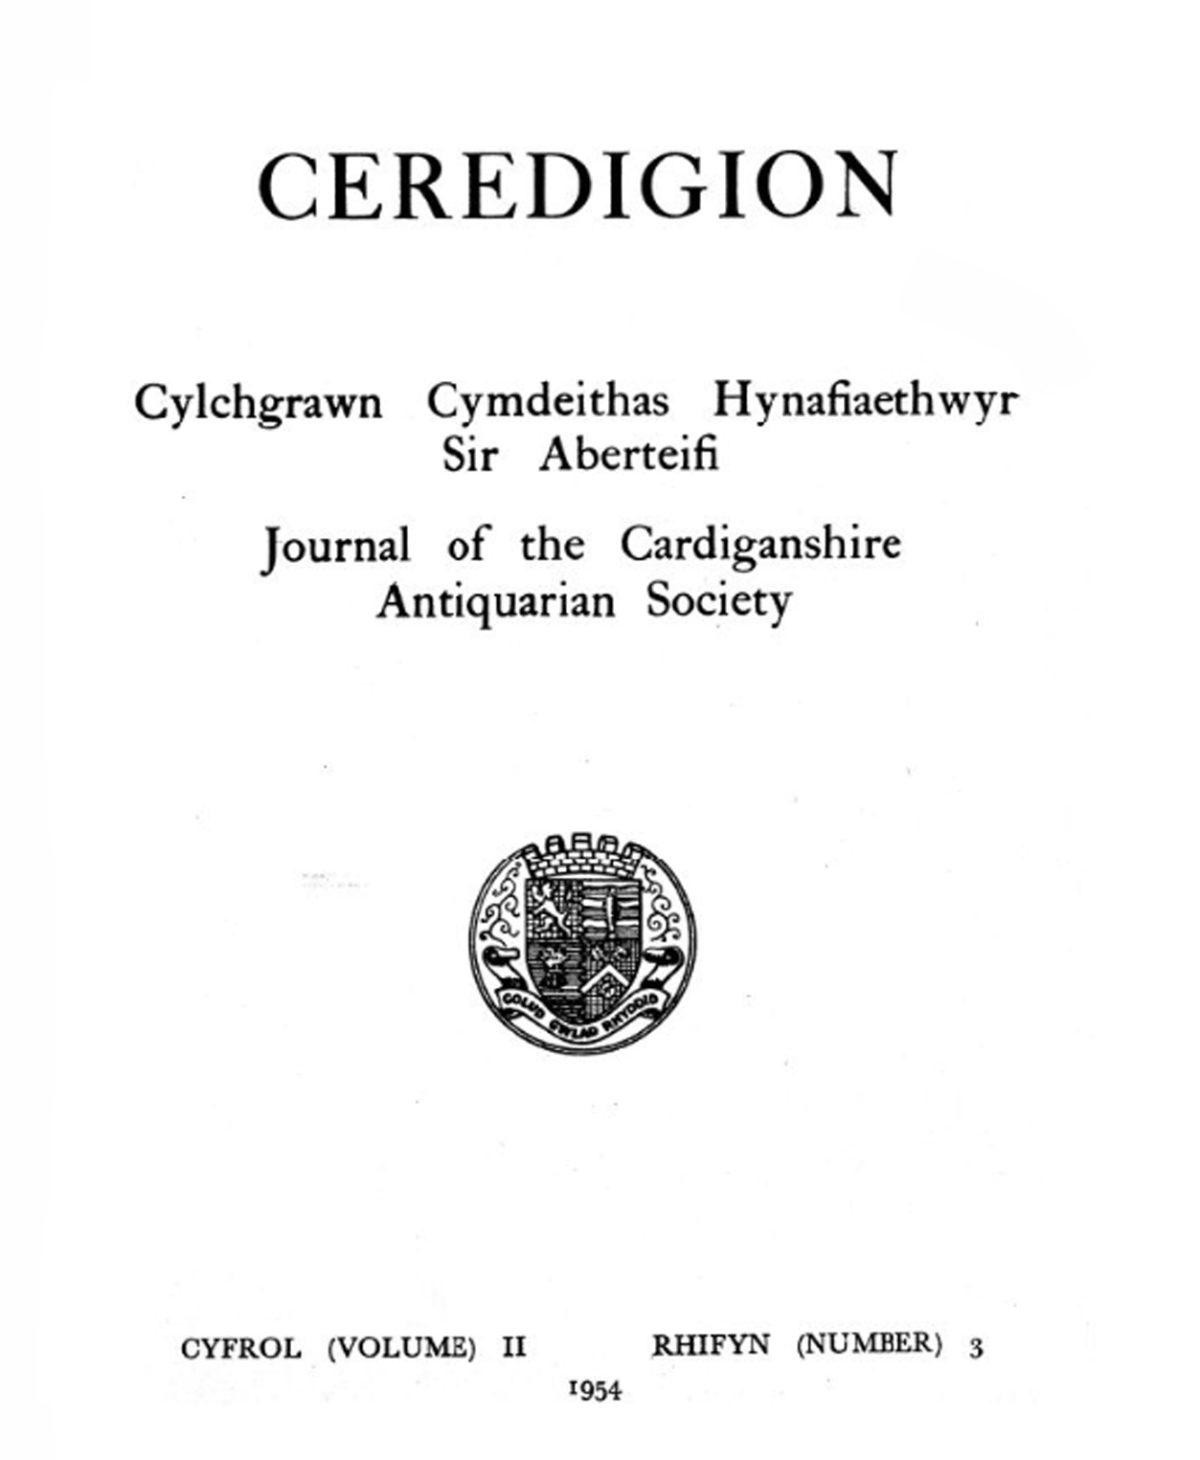 Ceredigion – Cylchgrawn Cymdeithas Hynafiaethwyr Sir Aberteifi, 1954 Vol II No 3